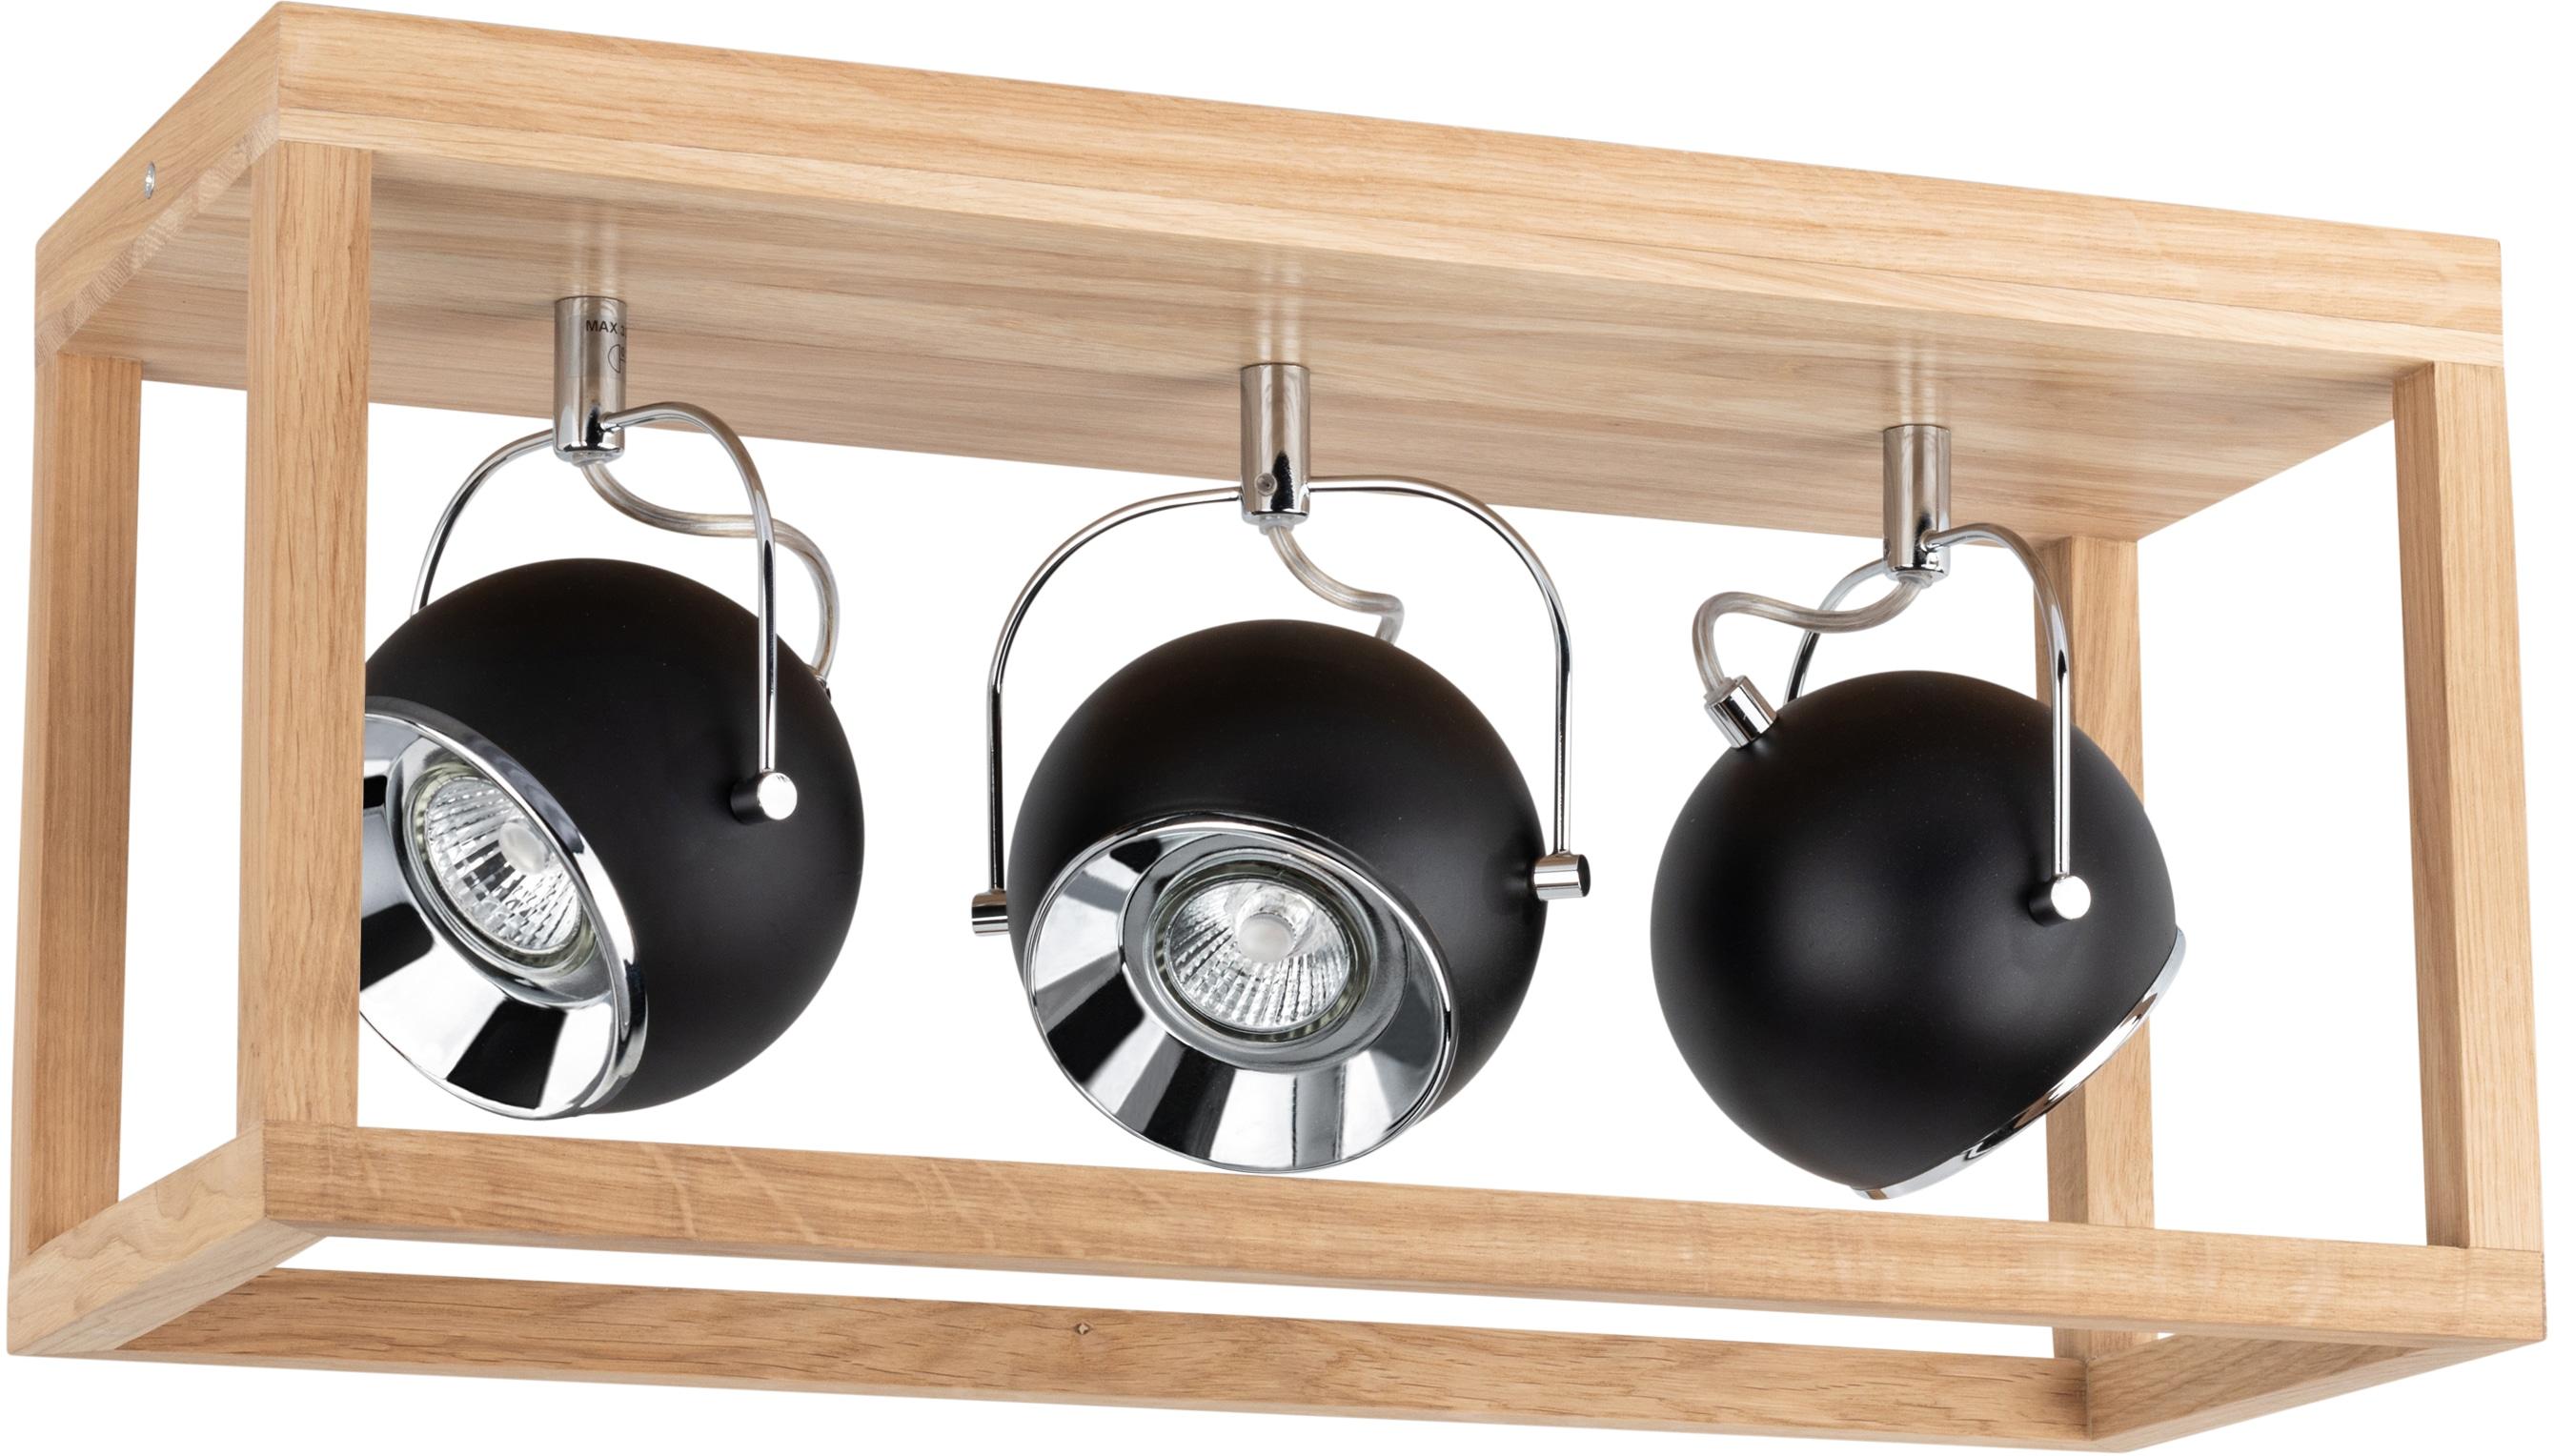 SPOT Light LED Deckenleuchte ROY, GU10, Warmweiß, Inklusive LED-Leuchtmittel, Naturprodukt aus Eichenholz, Nachhaltig mit FSC-Zertifikat, Made in EU